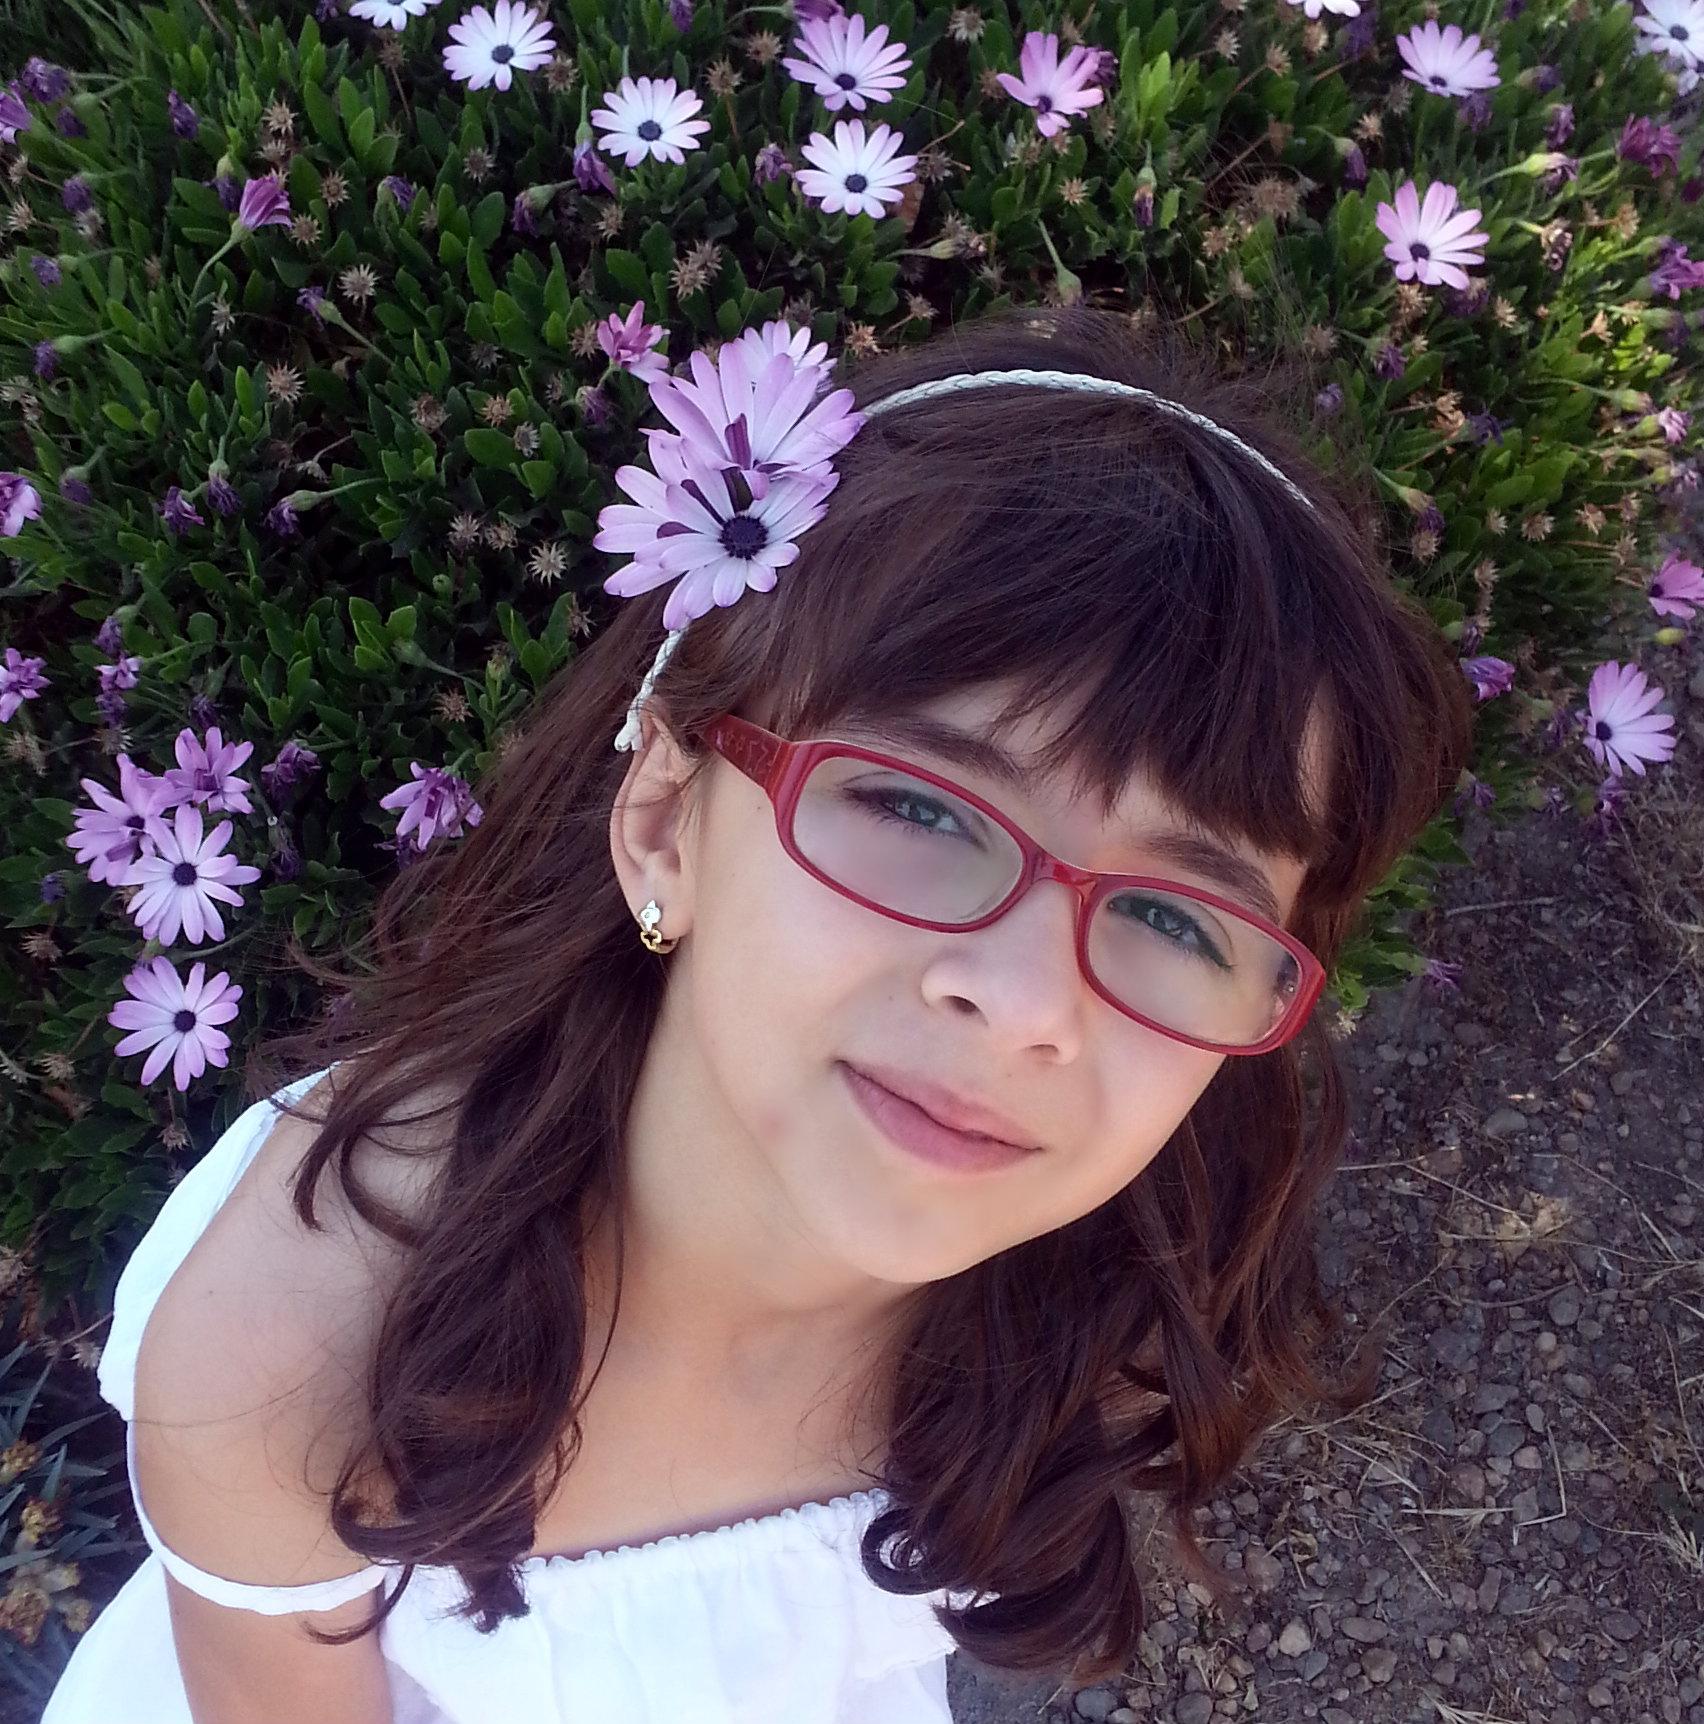 d6caf0b03 Hoy os presento el primer look de mi hermana, una pequeña fashionista que  va a compartir blog conmgio y va a enseñar las tendencias en moda para los  mas ...